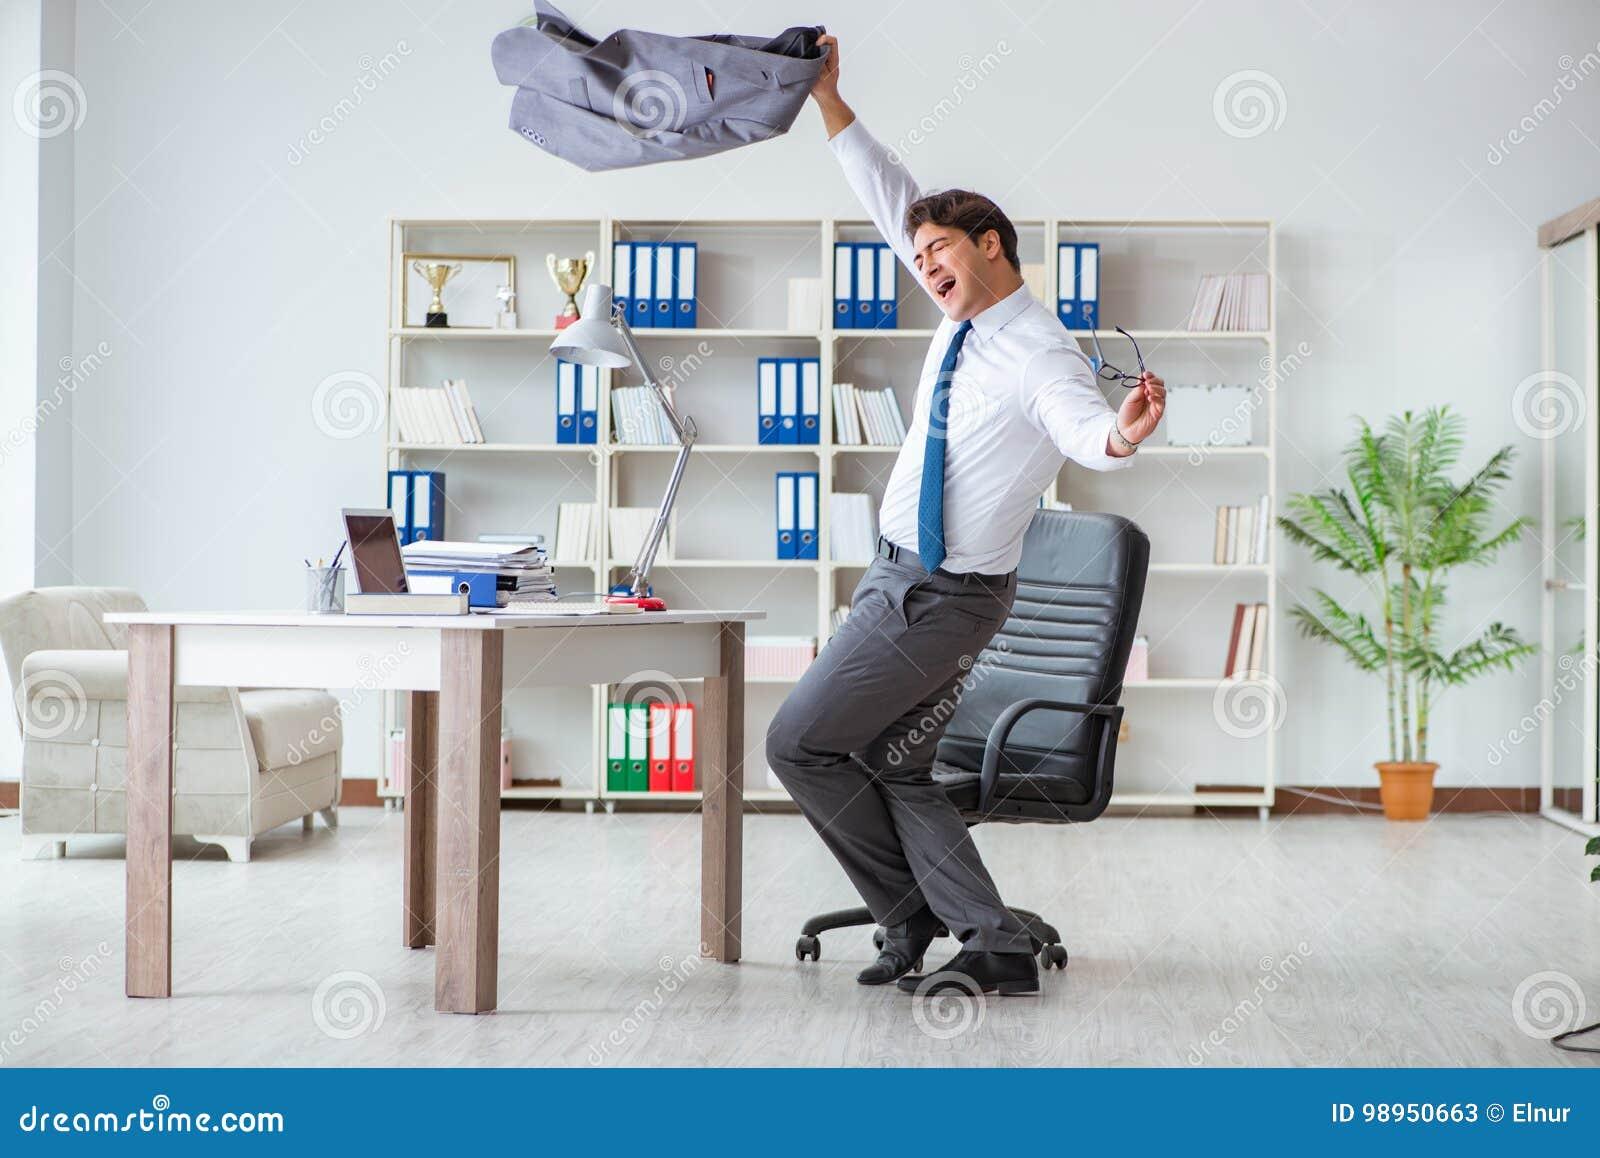 Der Geschäftsmann, Der Den Spaß Macht Eine Pause Im Büro Bei Der ...